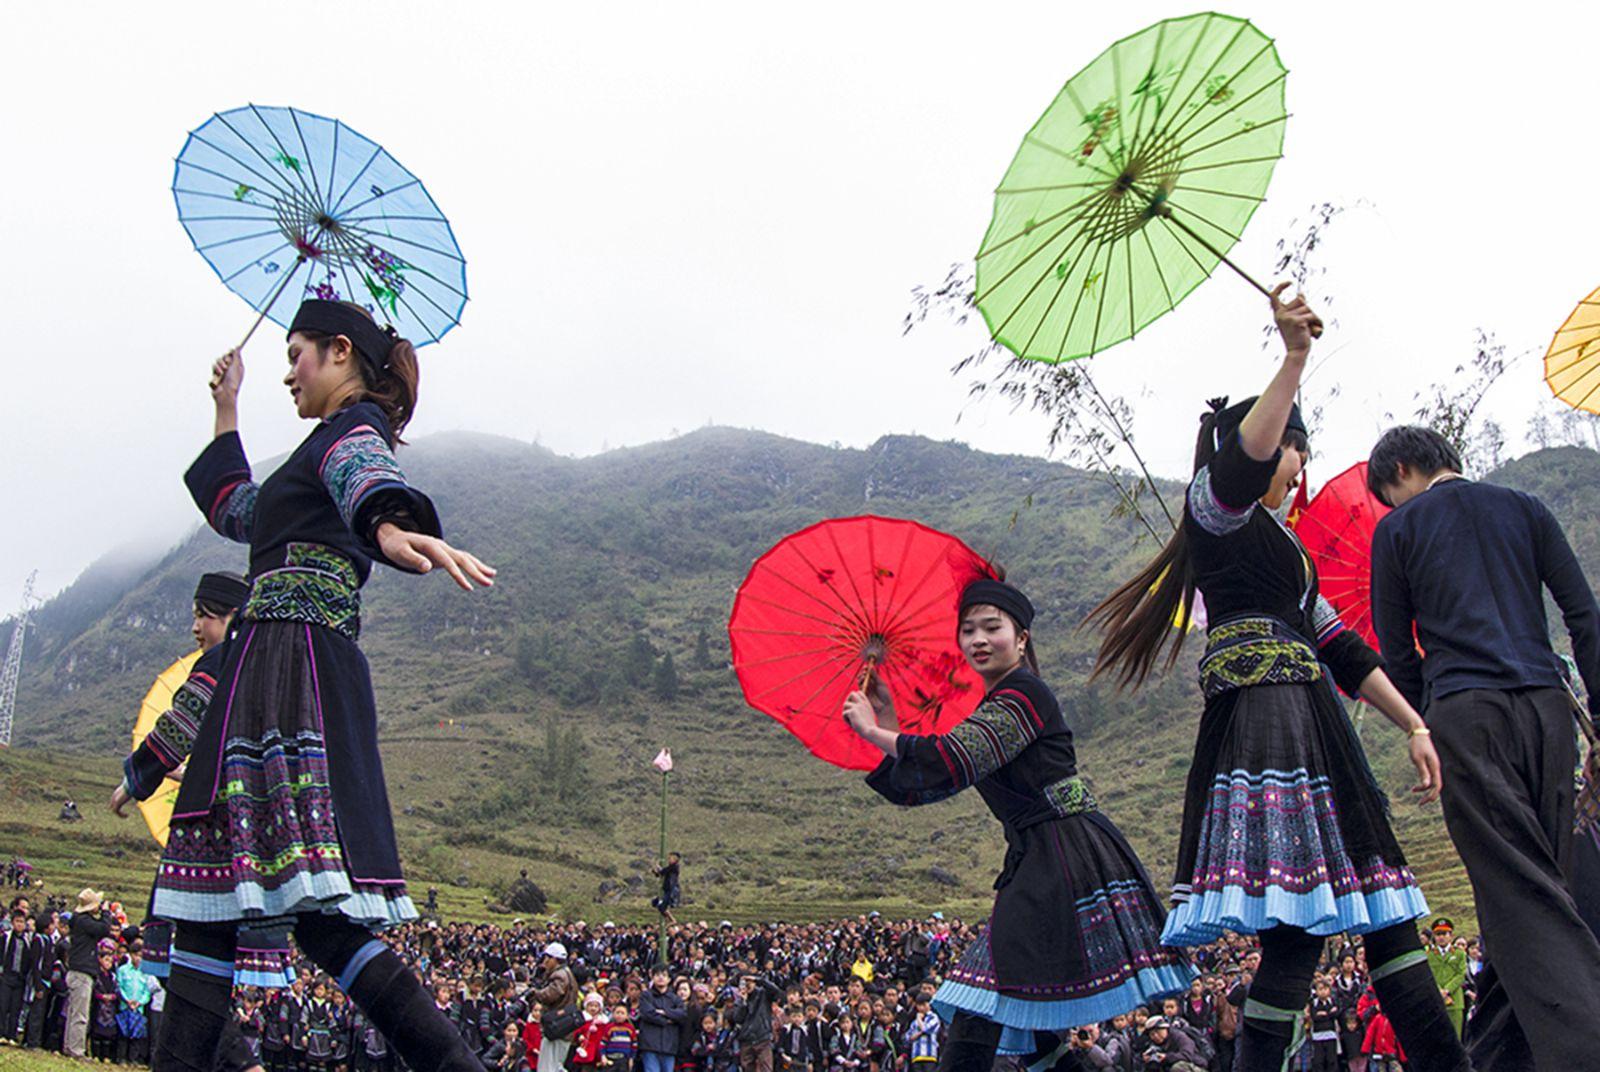 Du lịch Hà Giang 'níu chân' du khách bằng lễ hội chợ tình Khâu Vai 2017